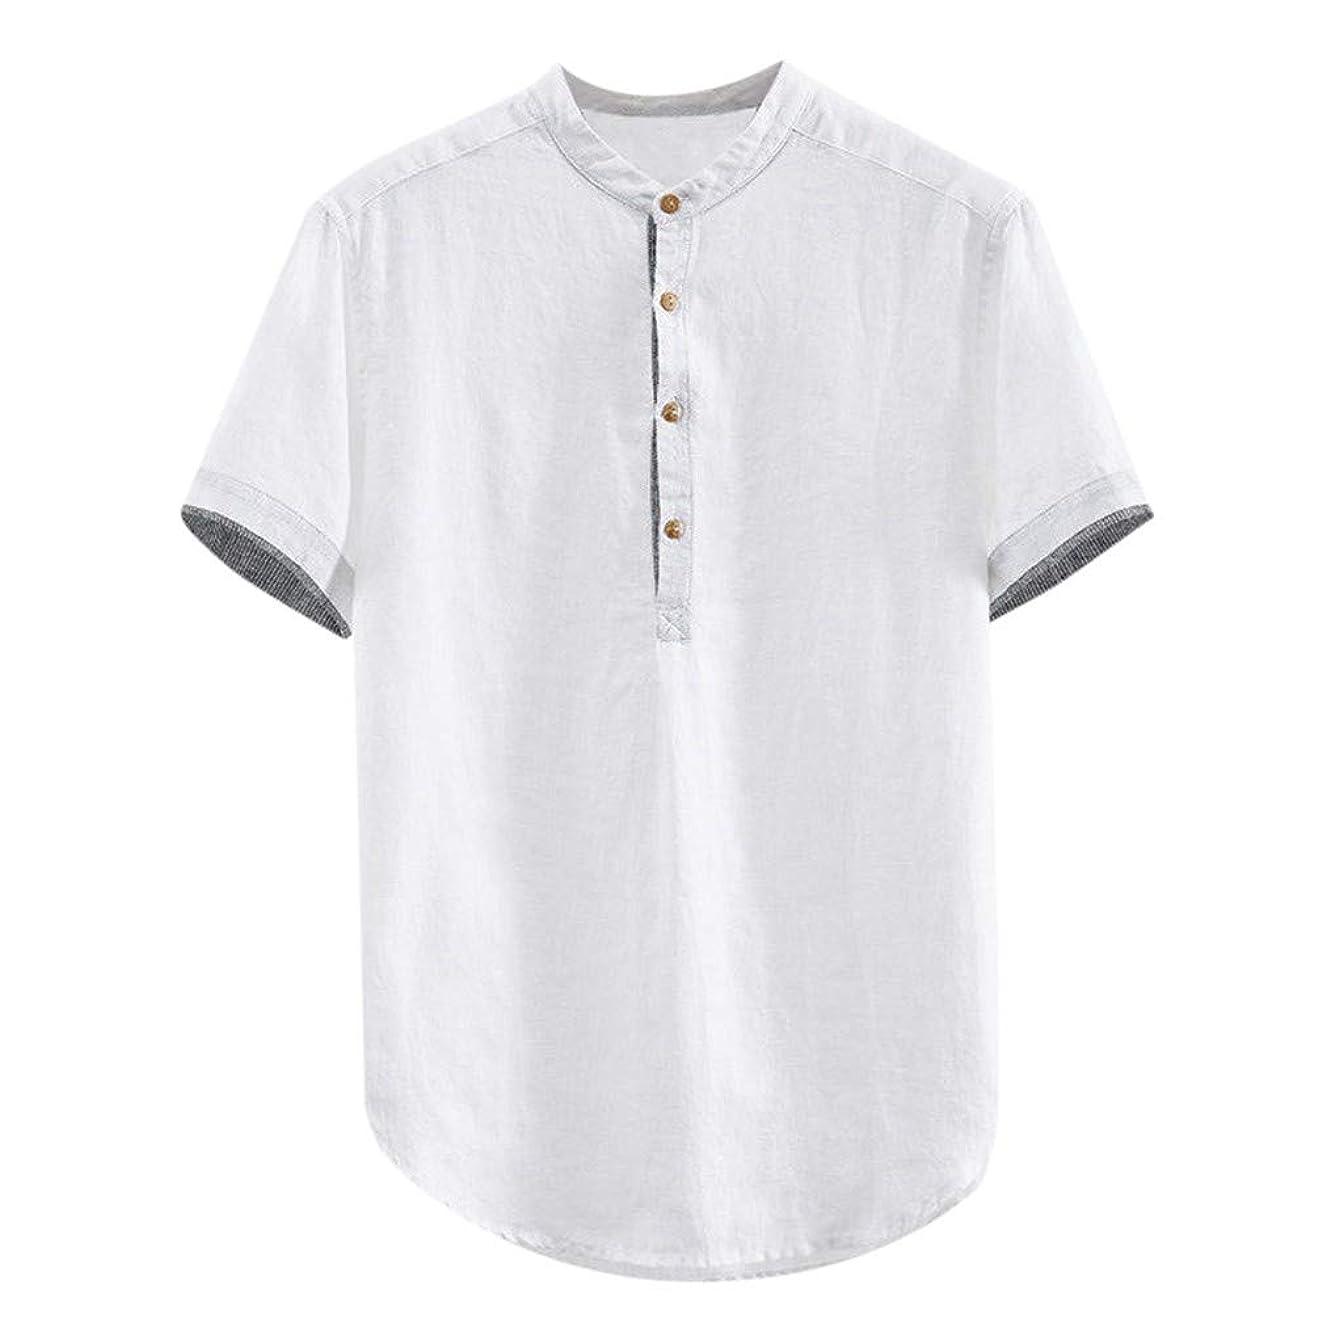 尋ねる無謀ツールシャツ メンズ 半袖 tシャツ 無地 リネン ポロシャツ カジュアル ボタン プルオーバー 薄手 通気性 夏服 おおきいサイズ ビジネス ティーシャツ オシャレ 人気 トップス 通勤 柔らかい ゆったり スウェット おしゃれ トレーナー ゴルフ